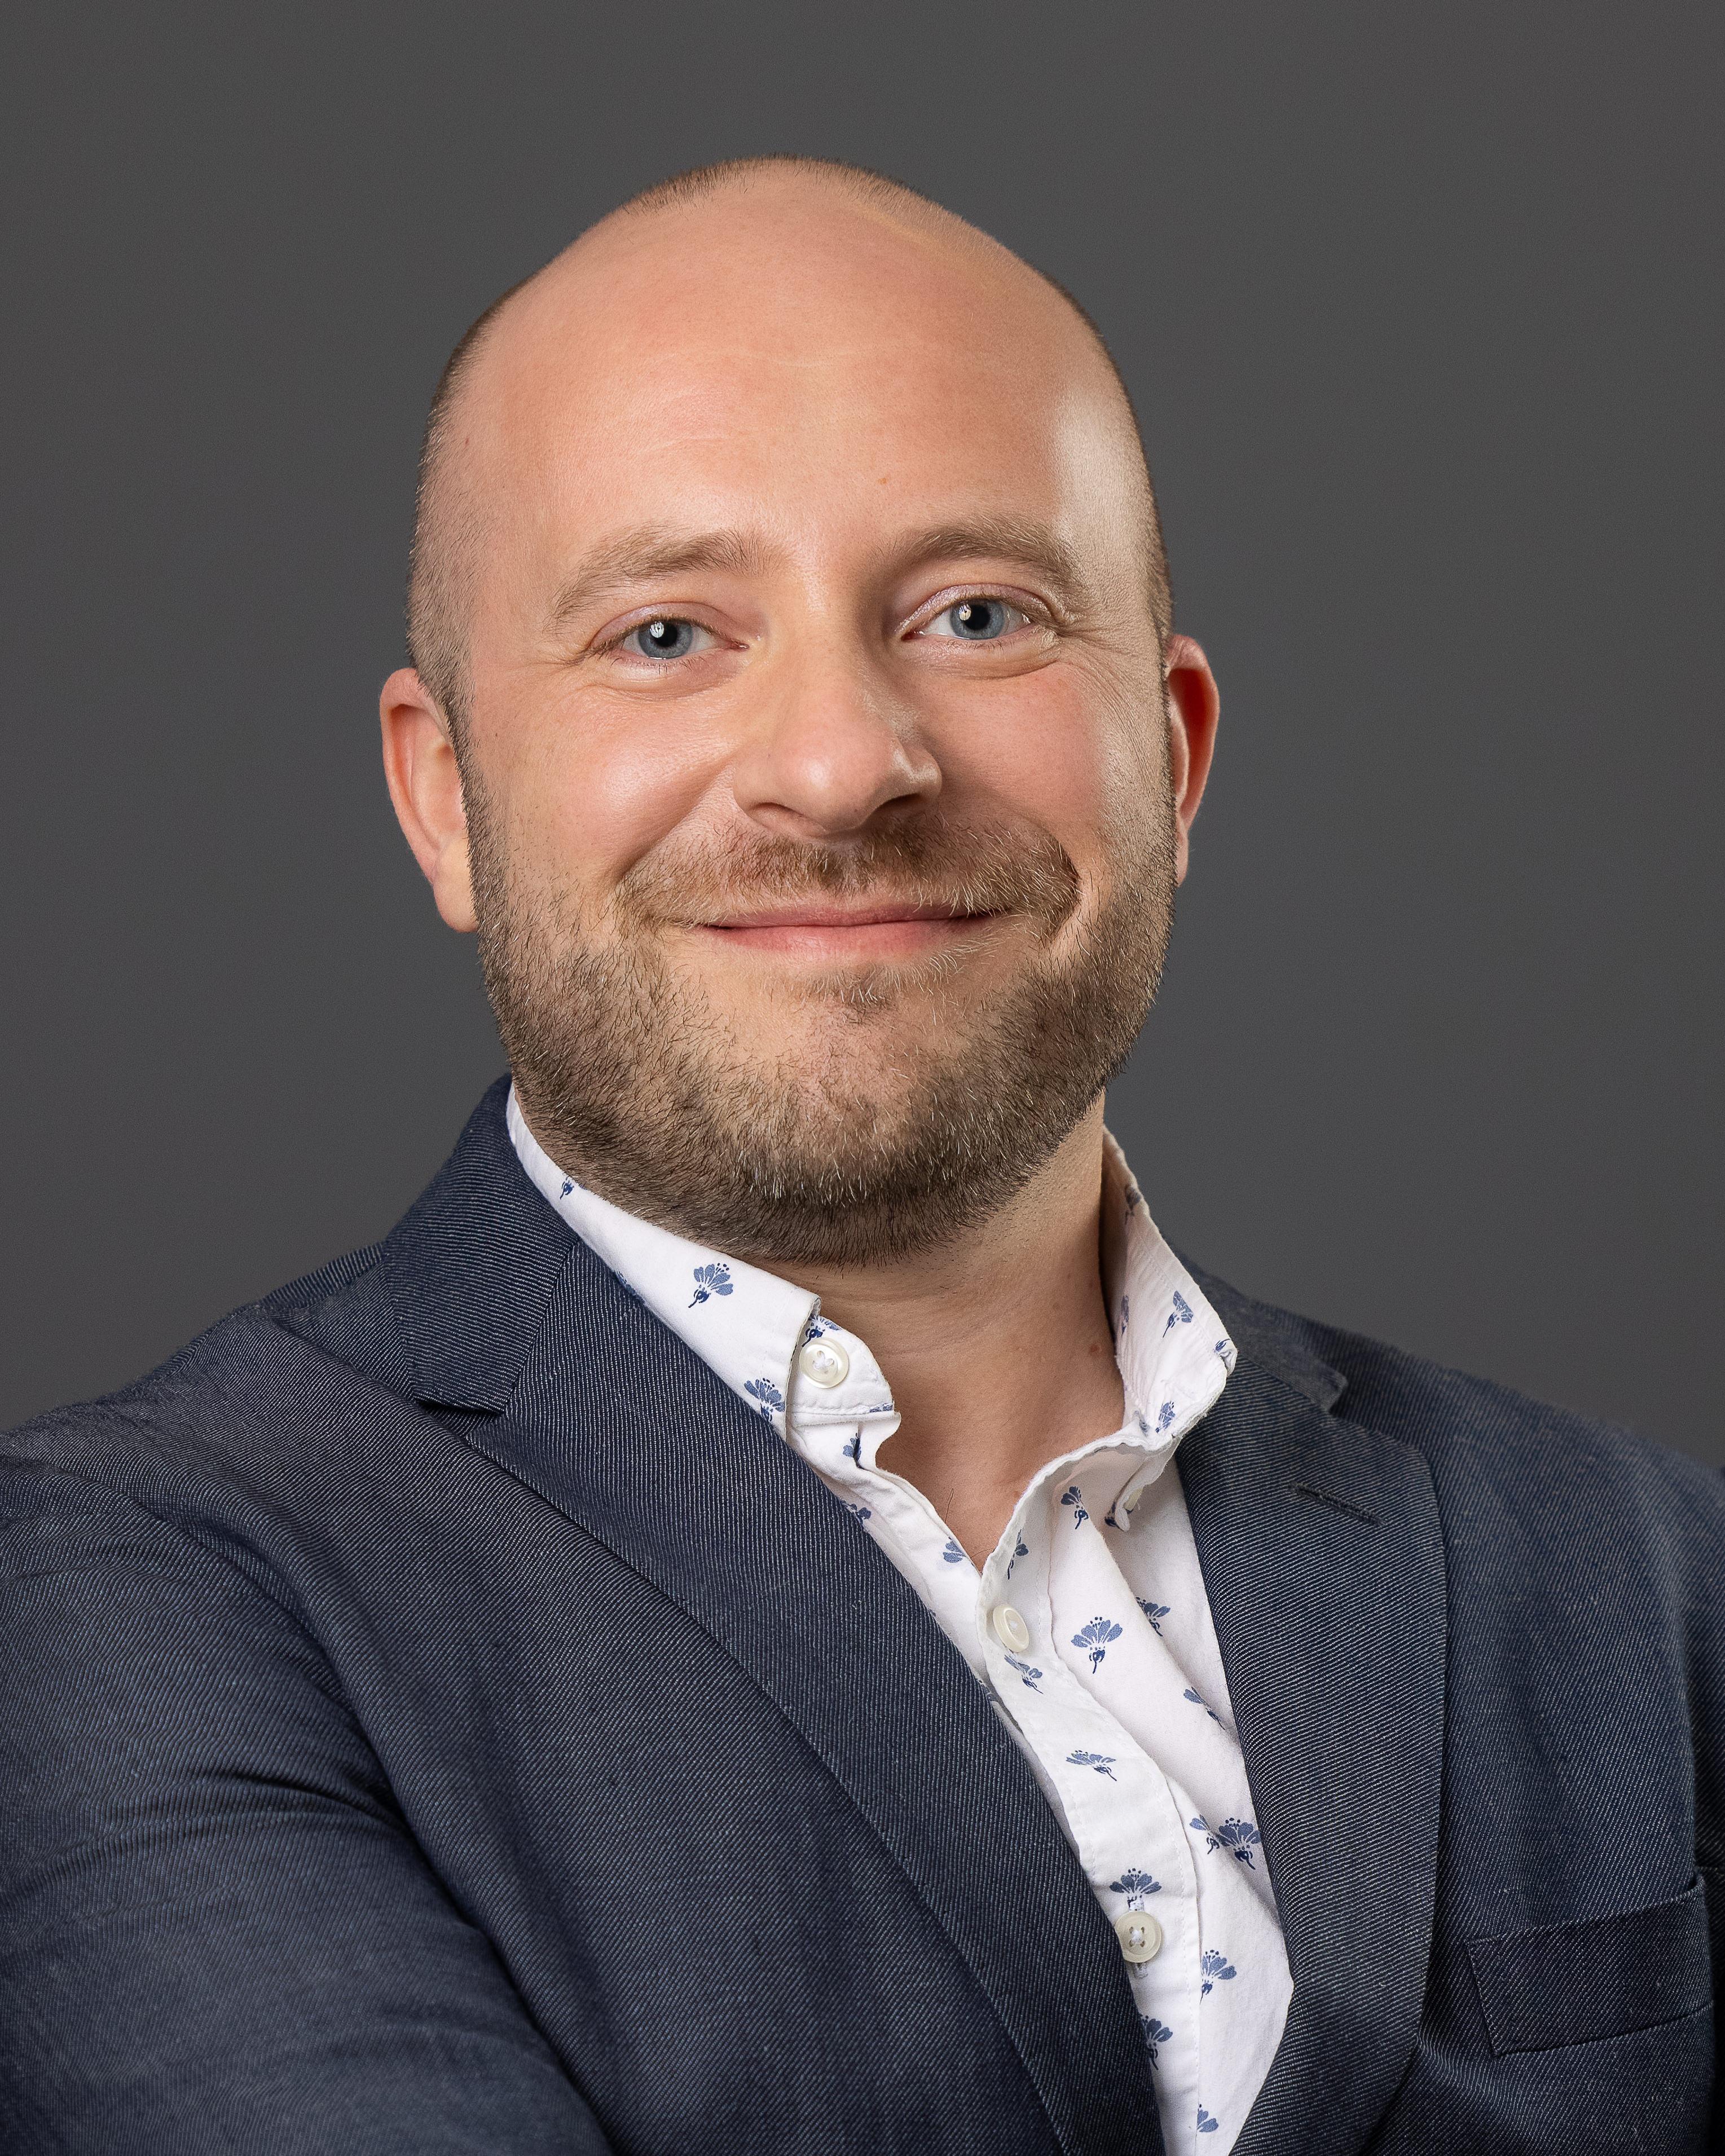 Ian Fieblekorn, PhD